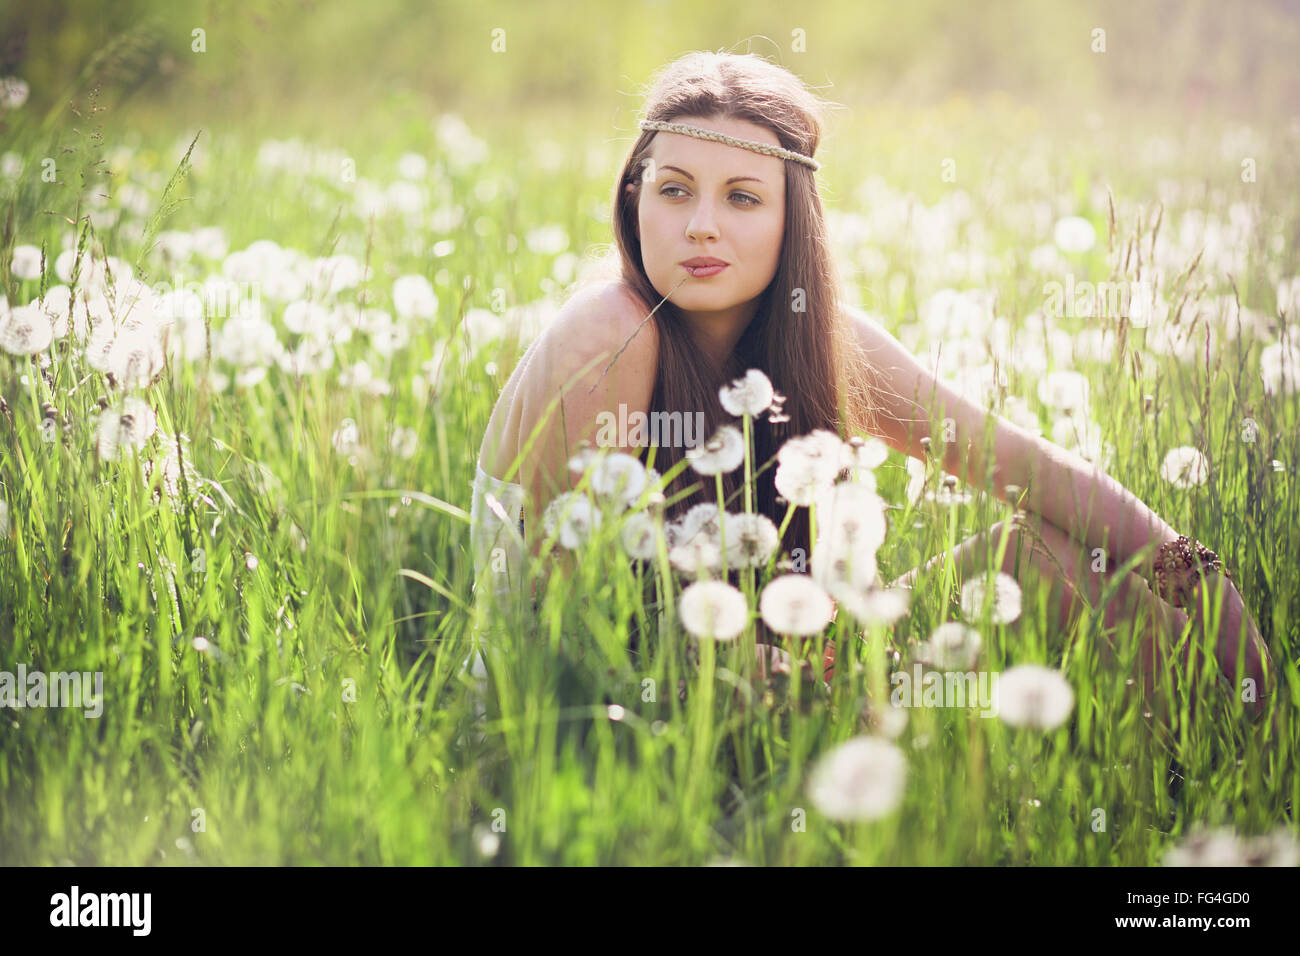 Schöne Frau mit unbeschwerten Ausdruck. Natur-Harmonie Stockbild